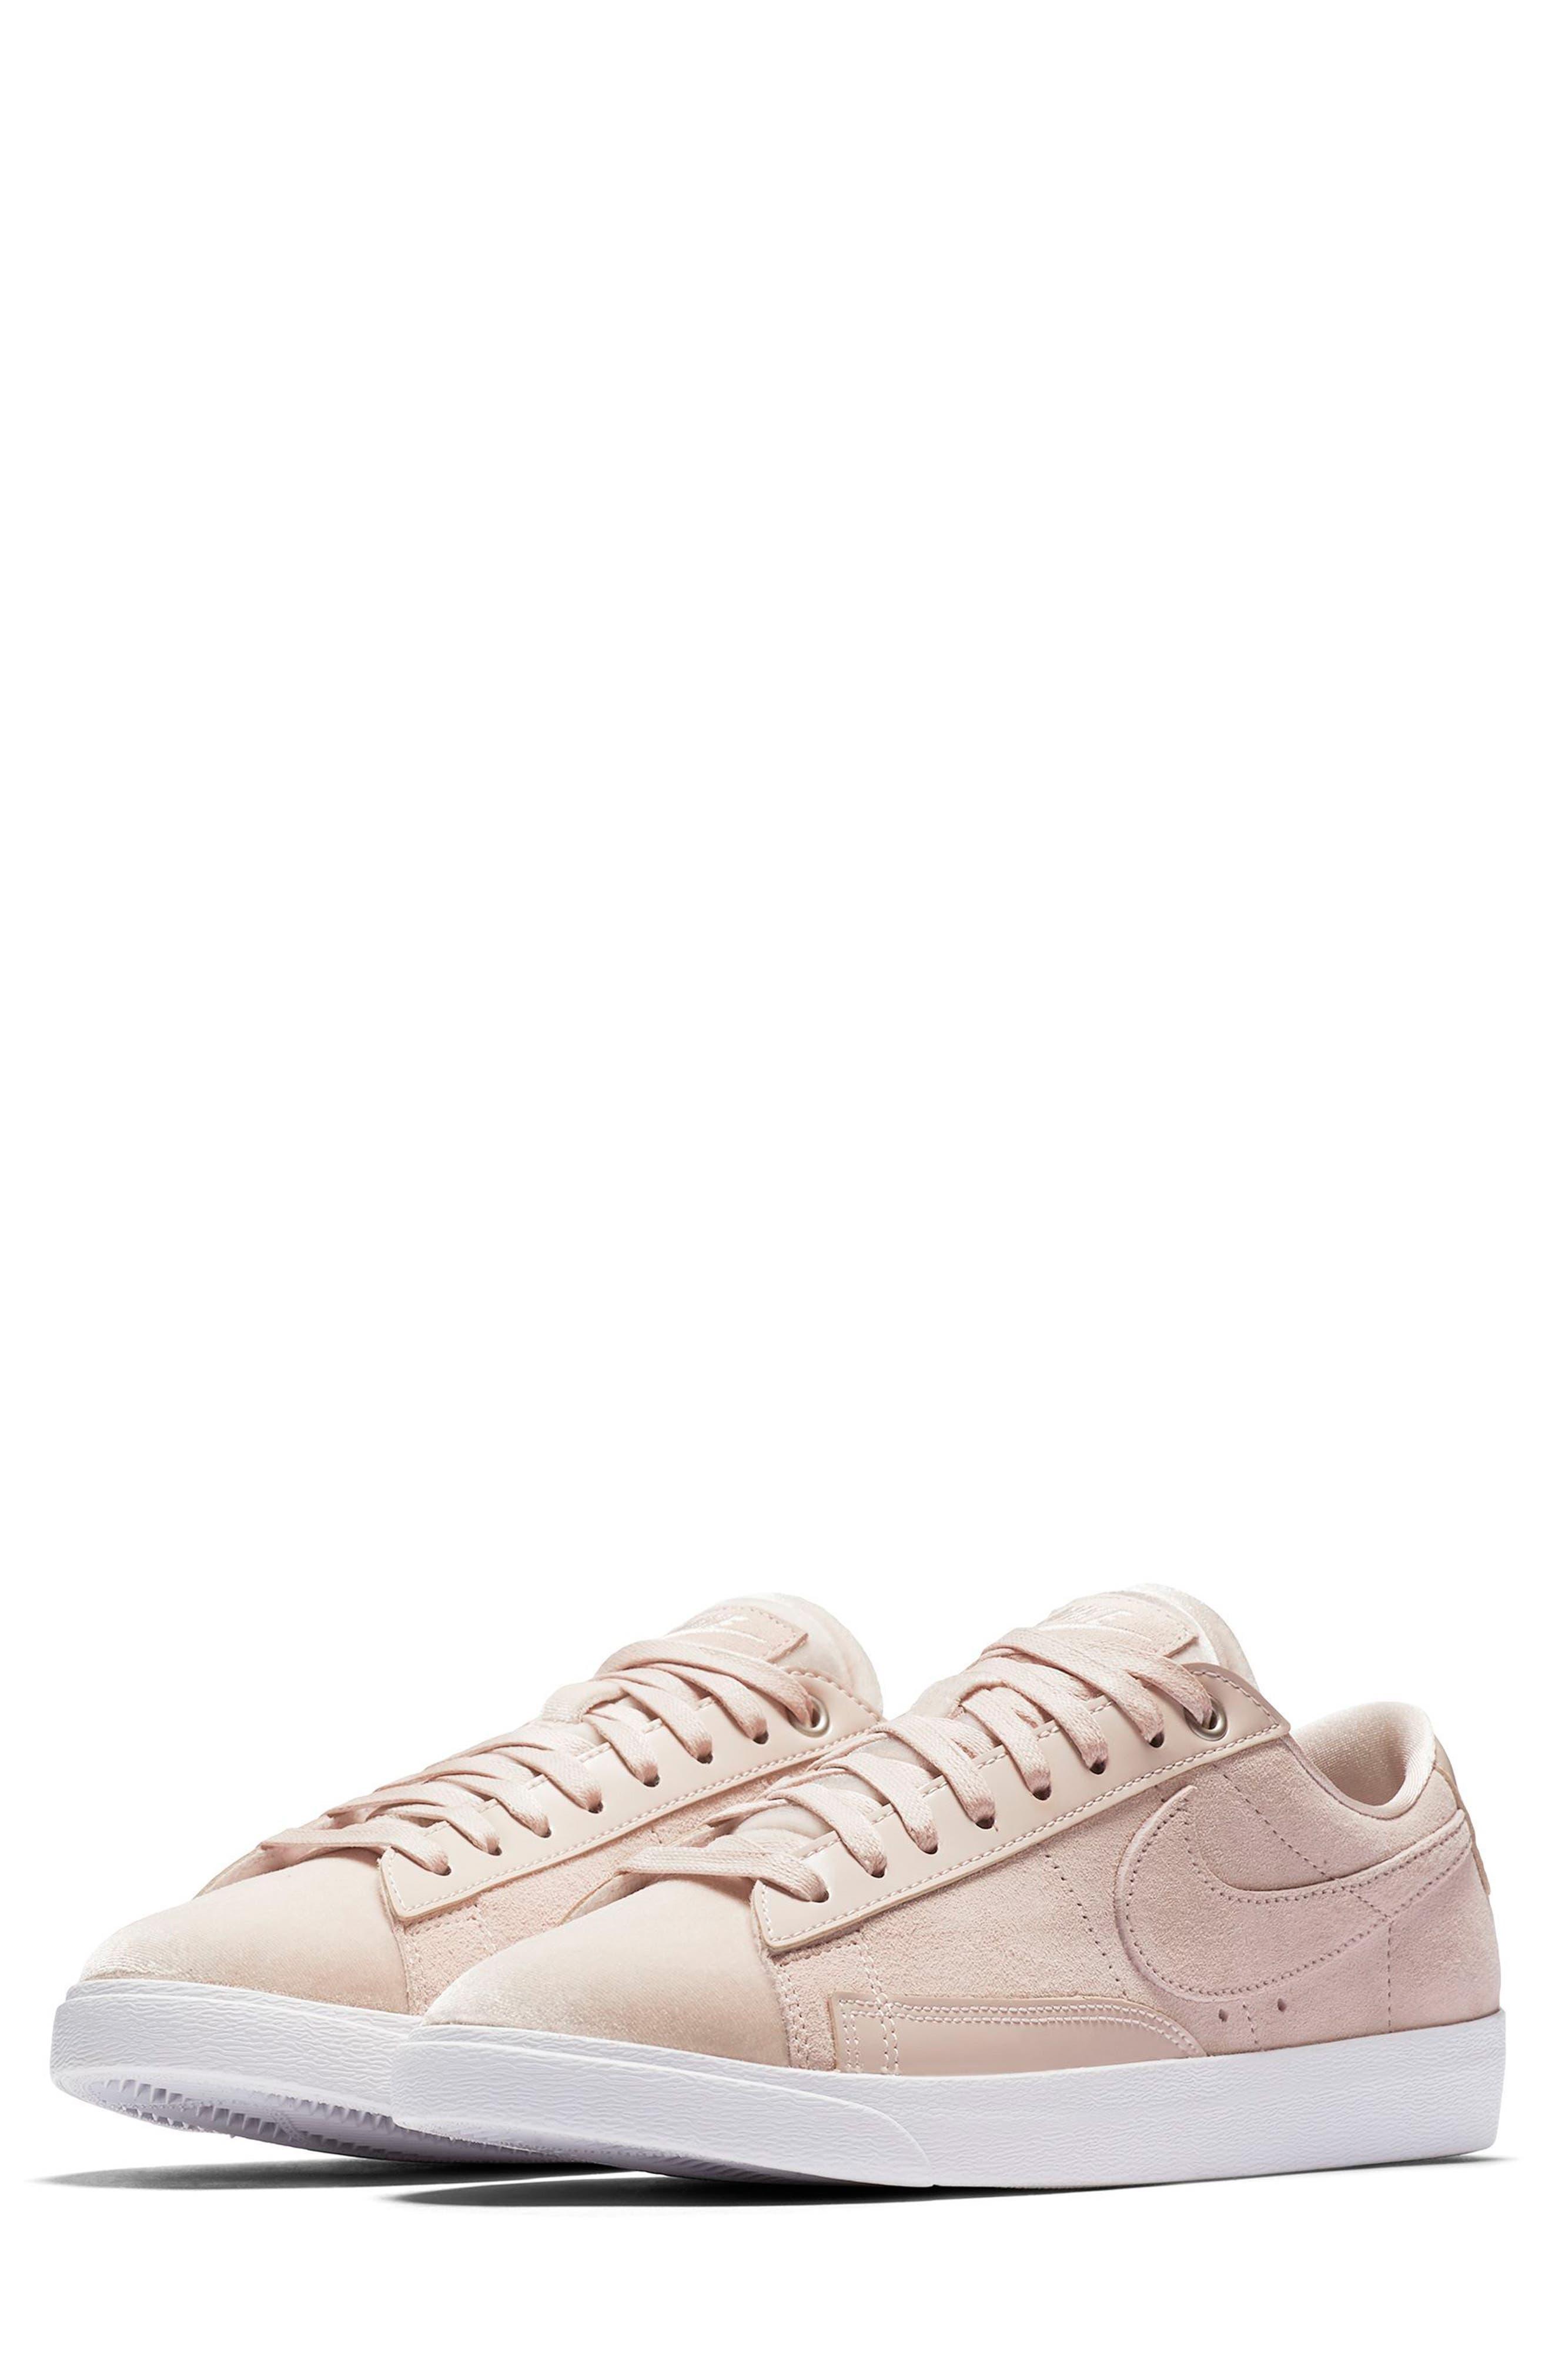 Main Image - Nike Blazer Low LX Sneaker (Women)